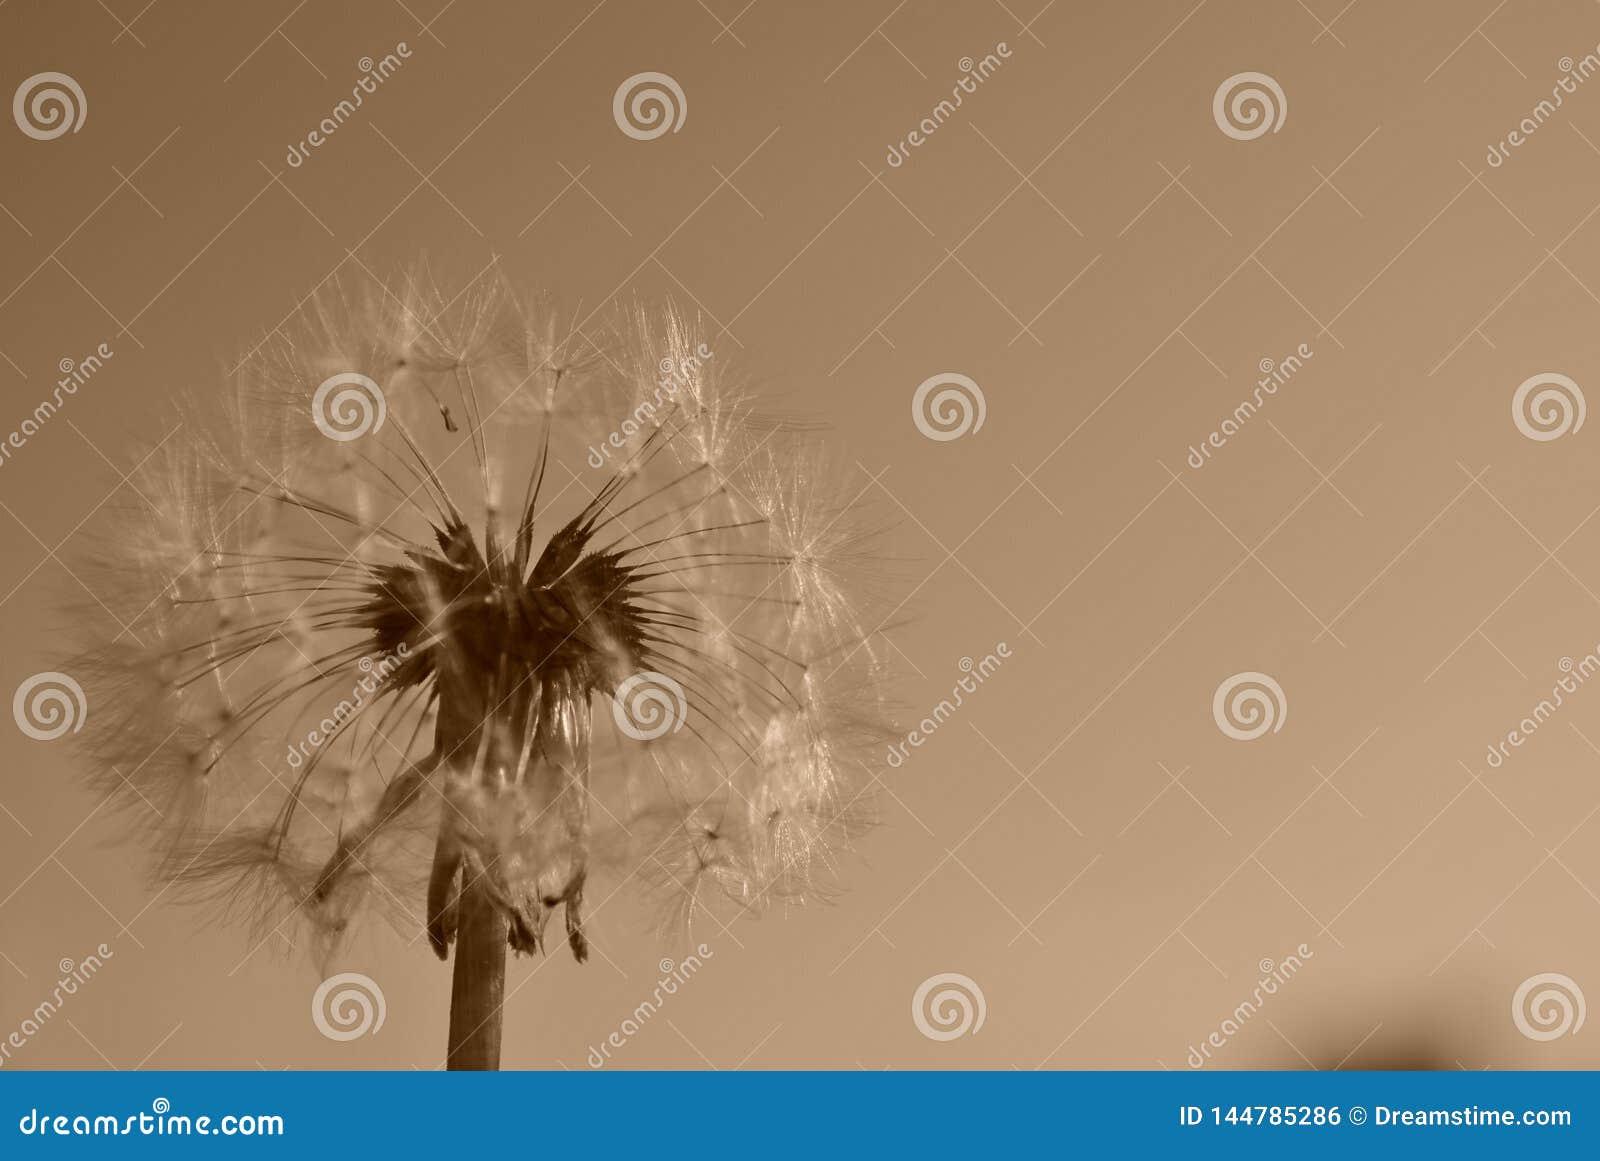 Dandelion na tle z sepiowym brzmieniem